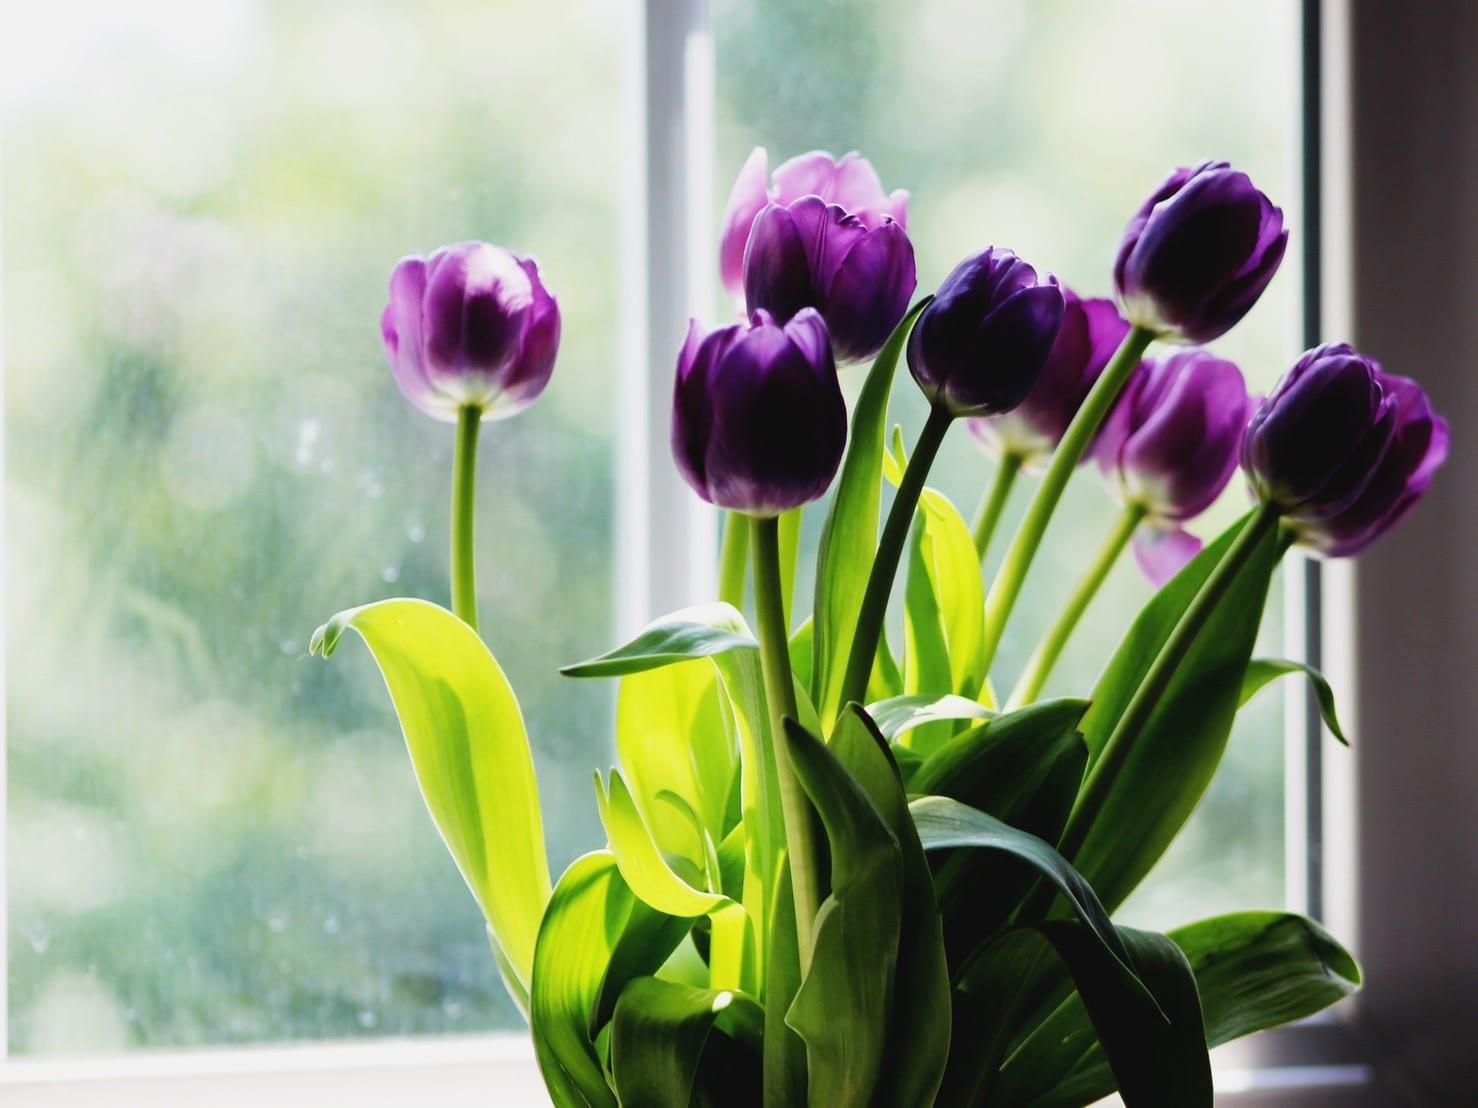 母親節的花-紫色鬱金香